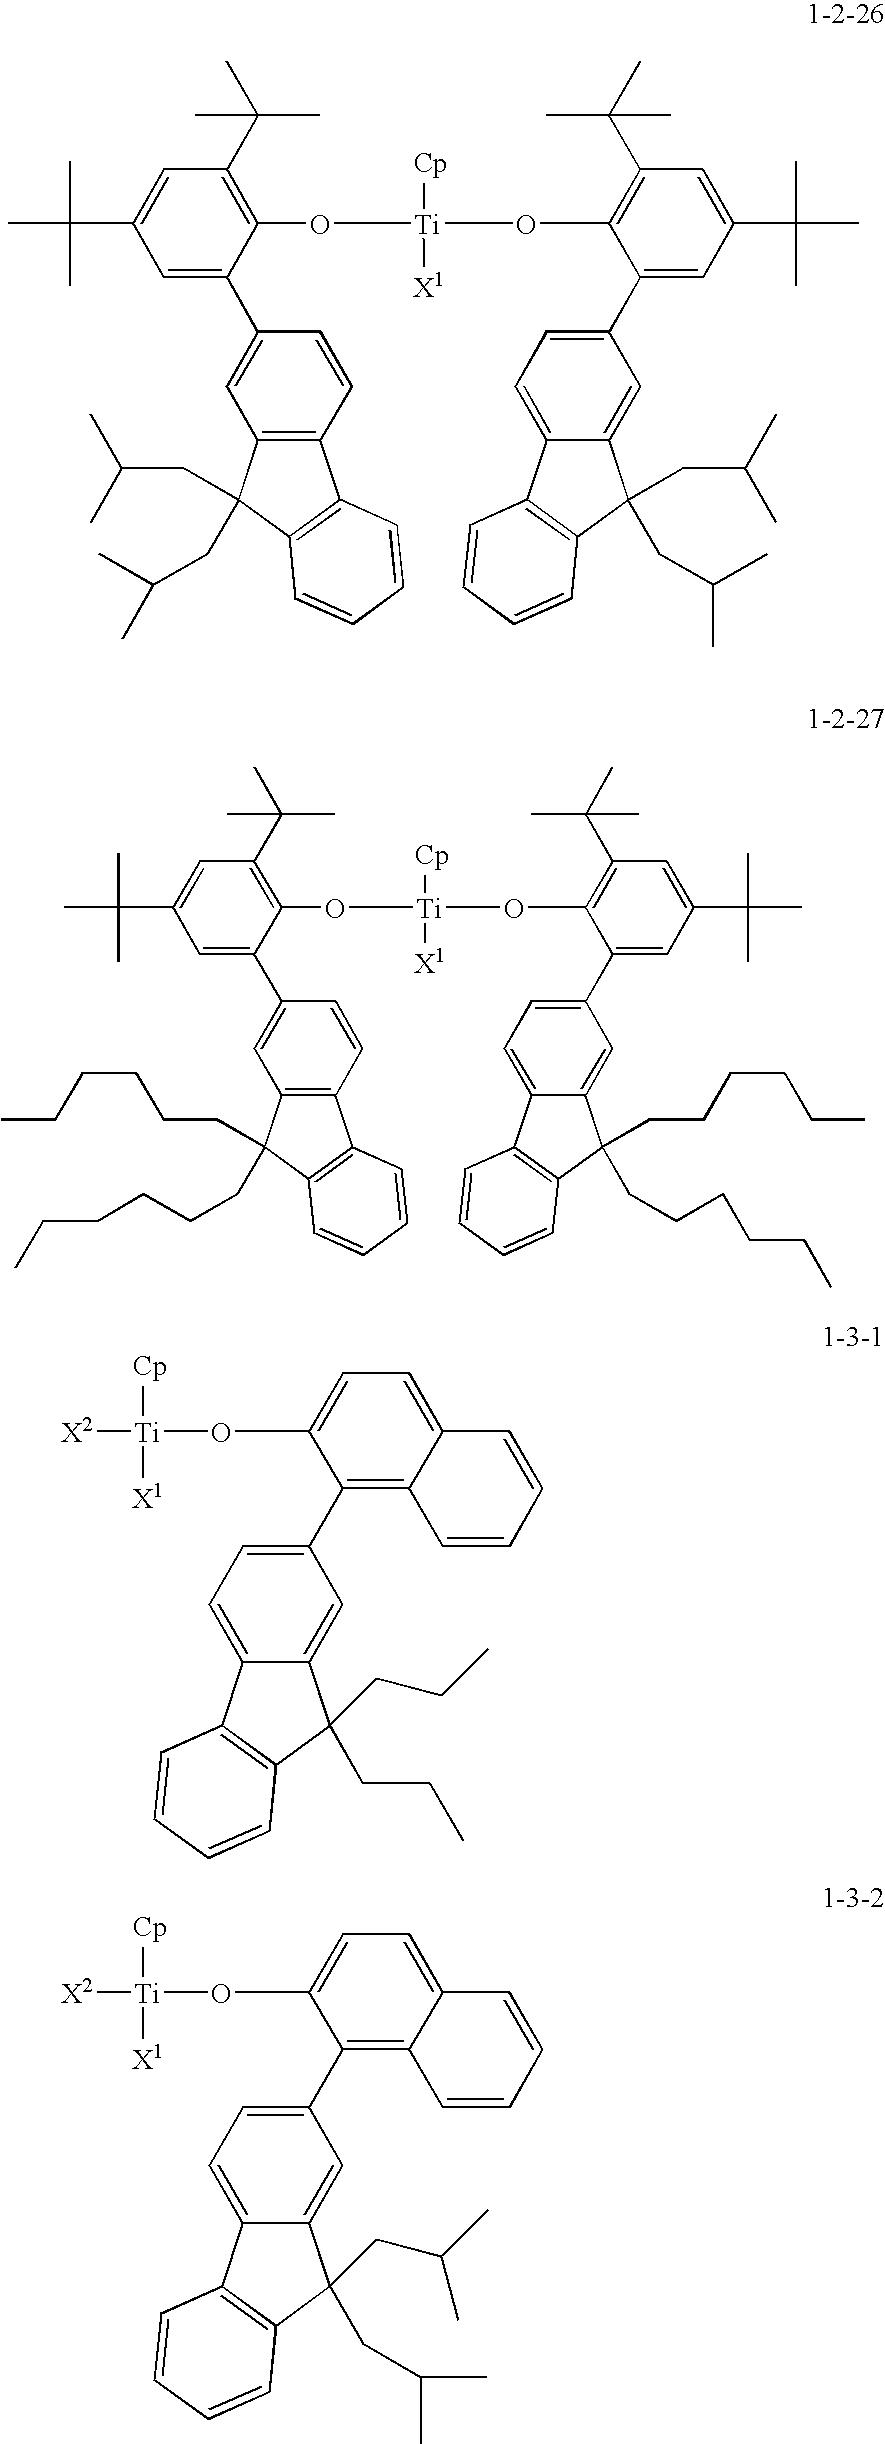 Figure US20100081776A1-20100401-C00018